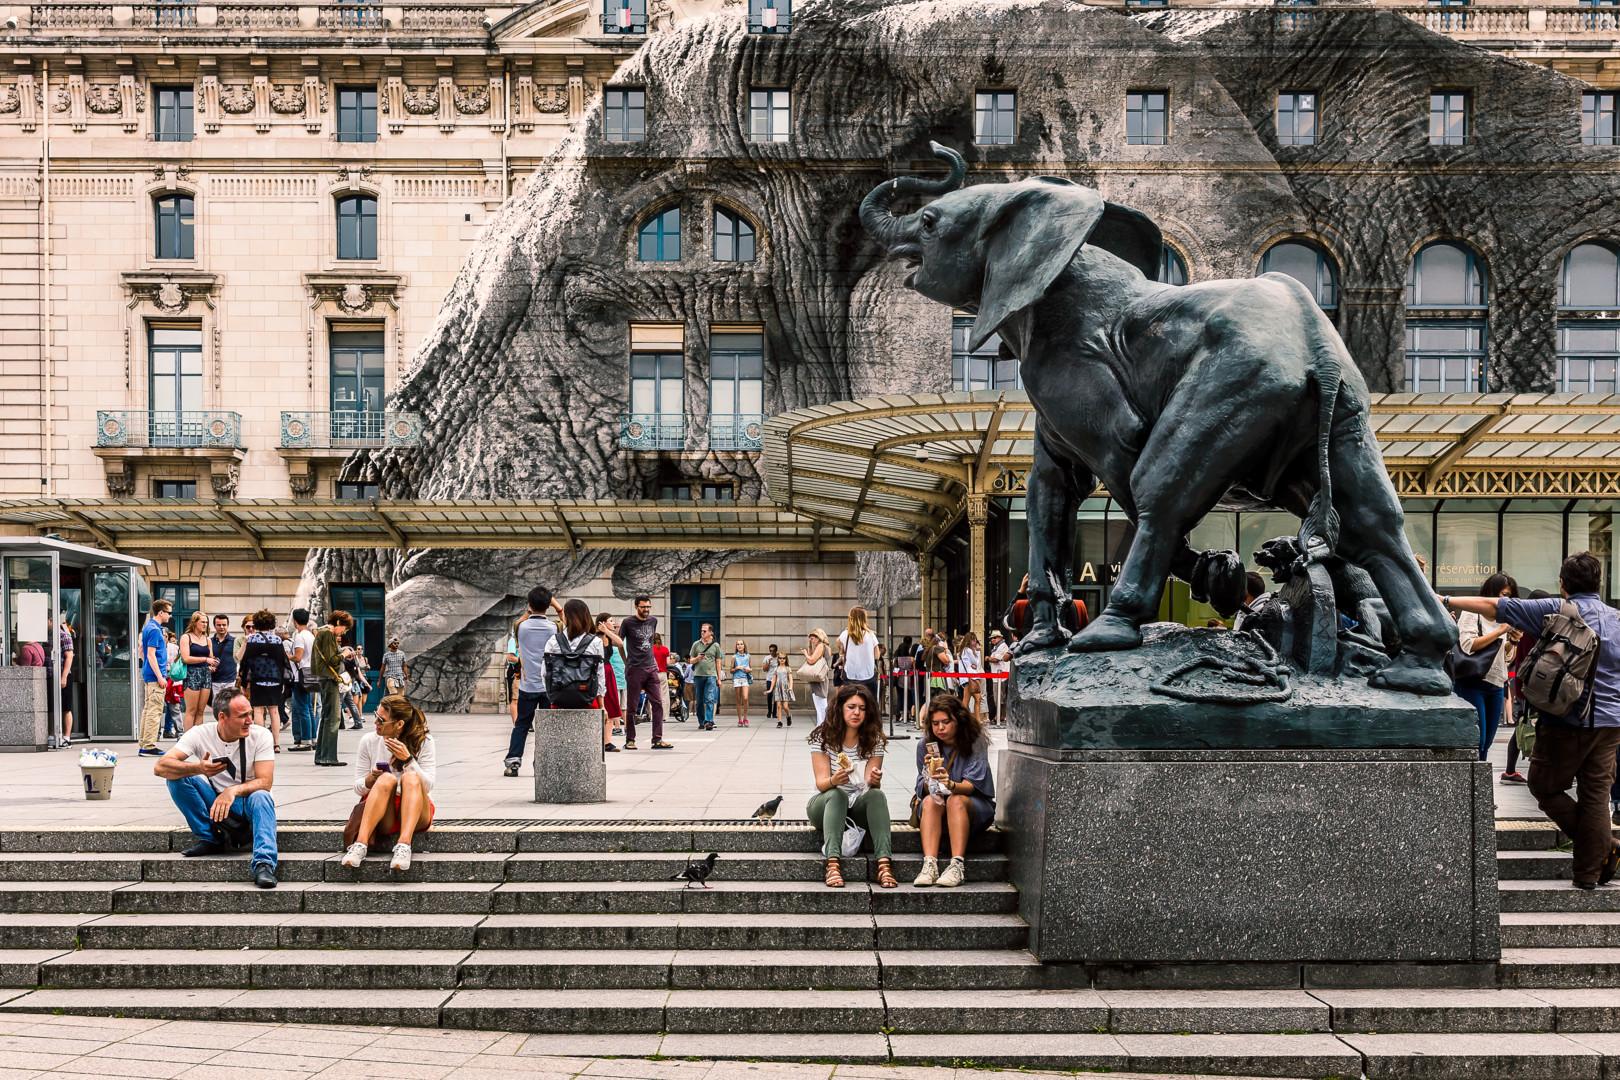 Maxl - Elephant Orsay